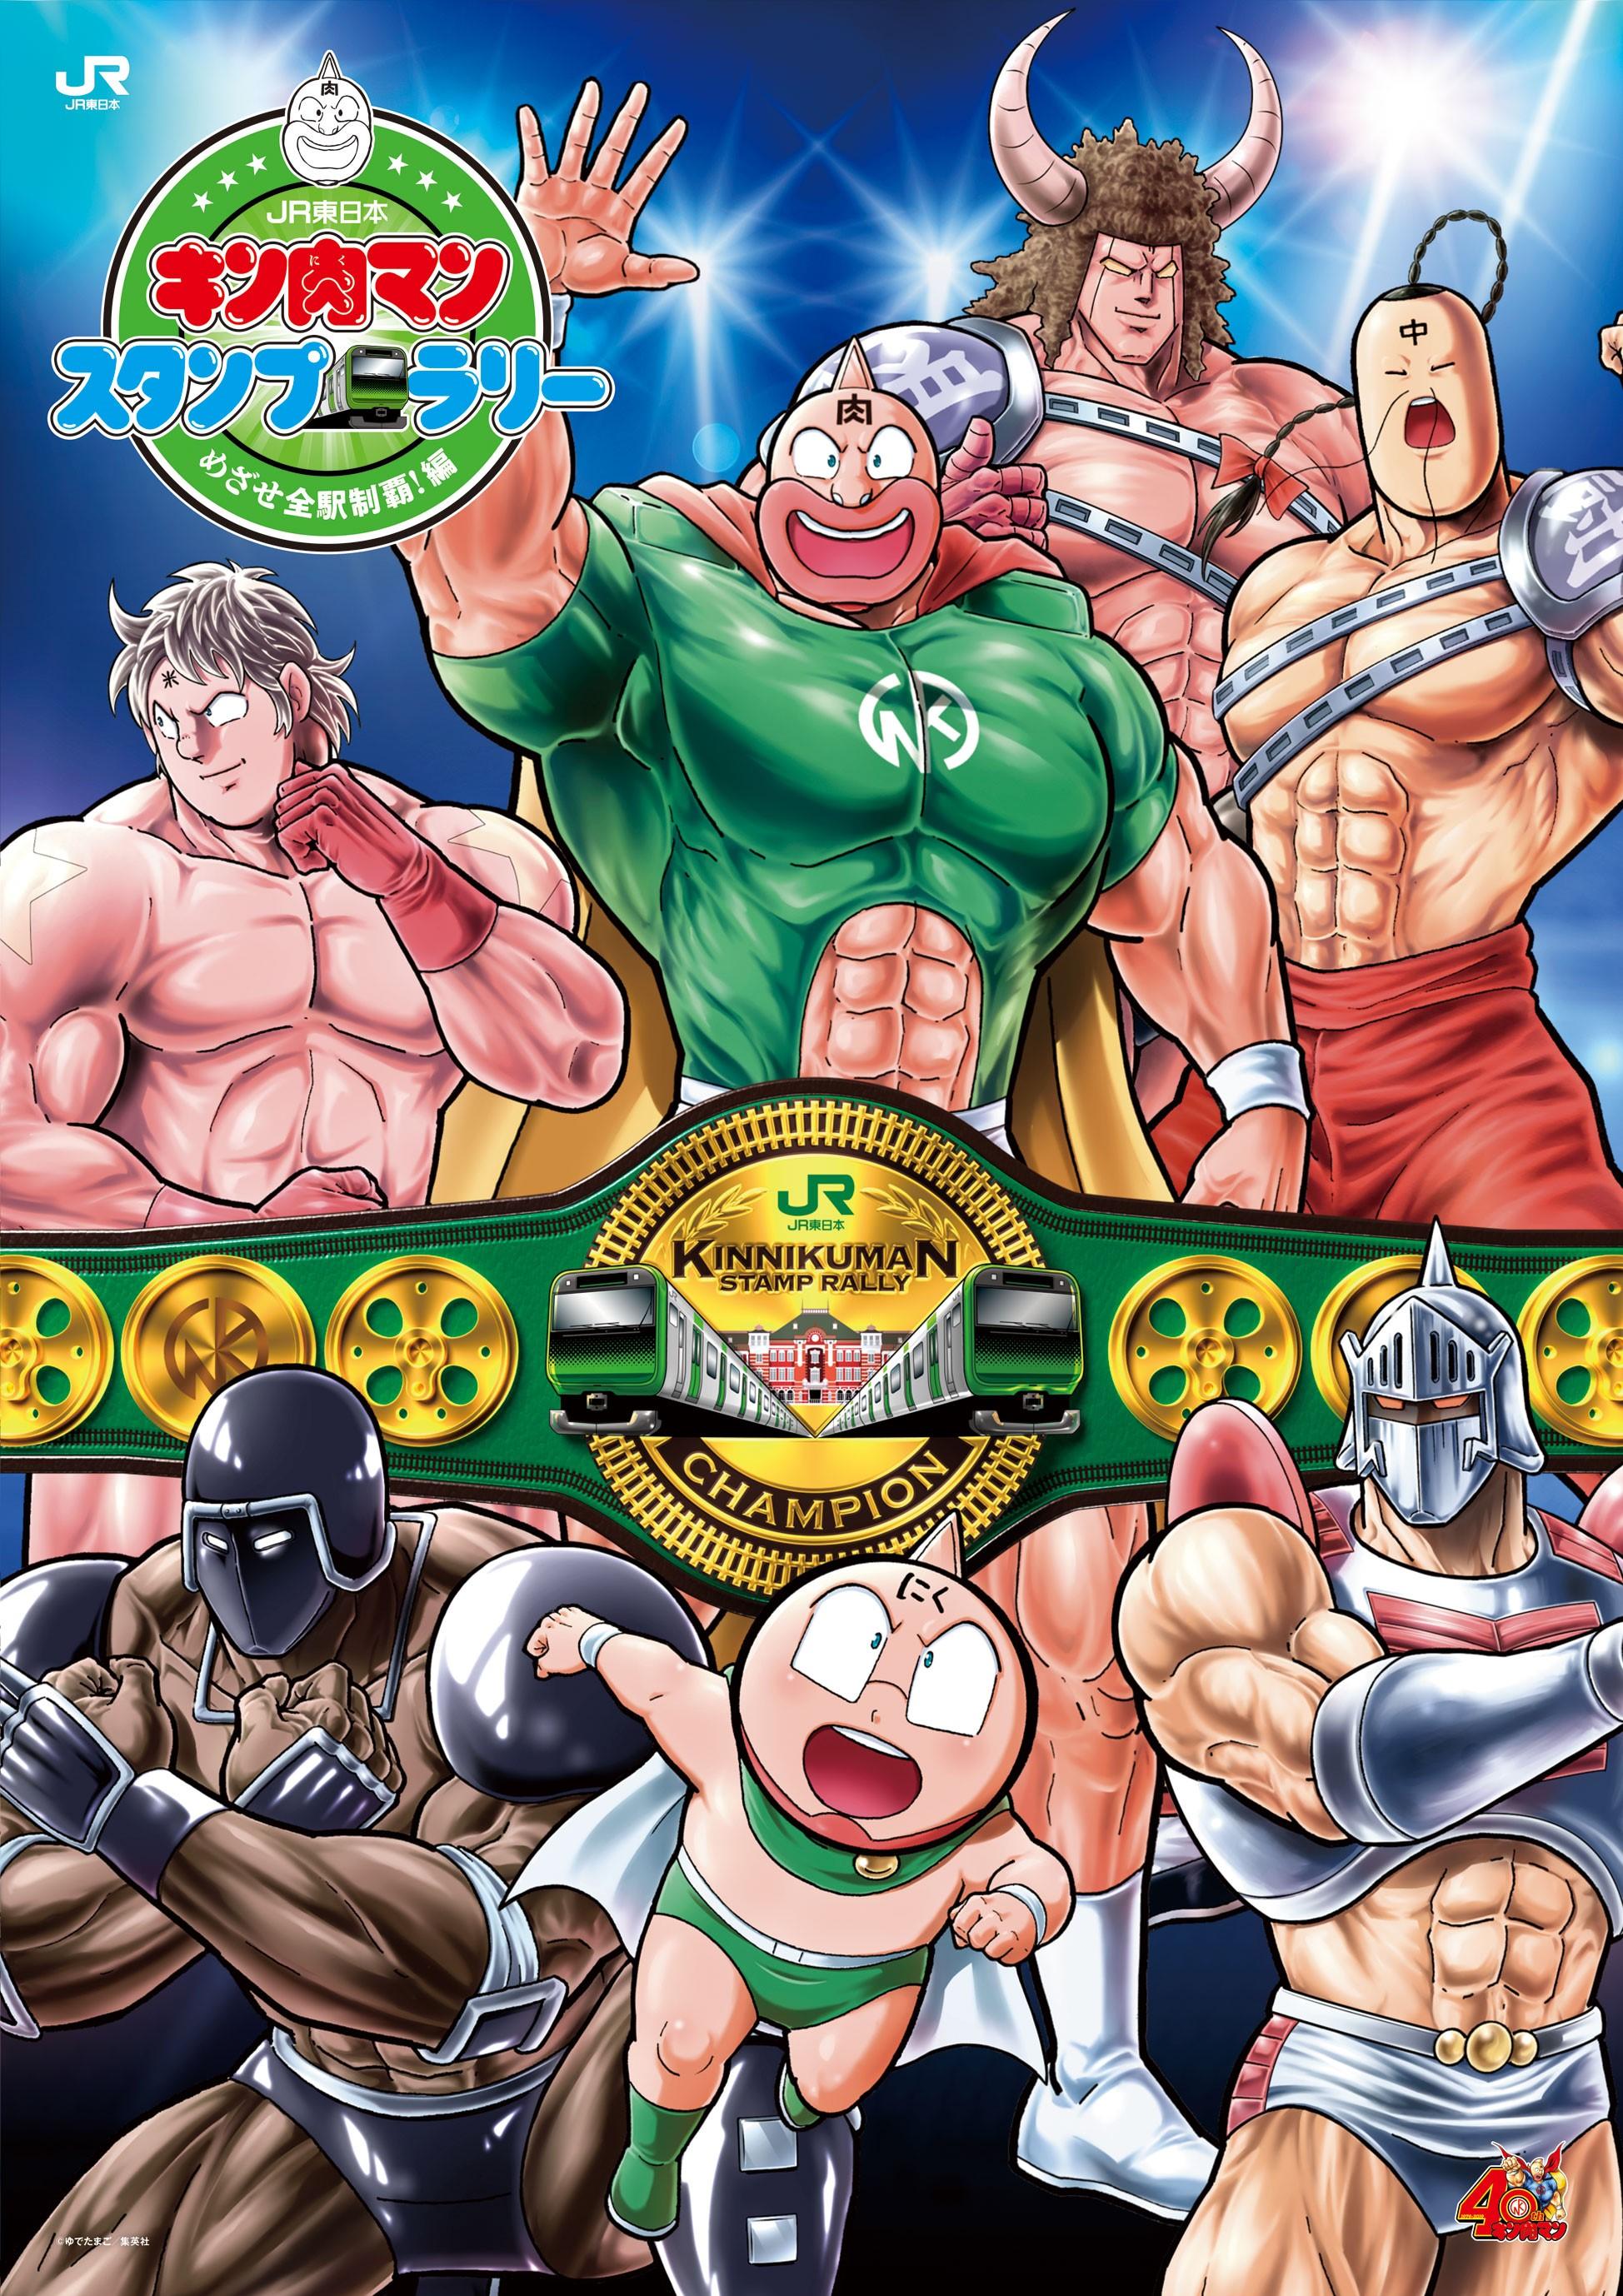 超人たちがJR東日本をジャック! 「キン肉マン」のスタンプラリーが63駅でスタート